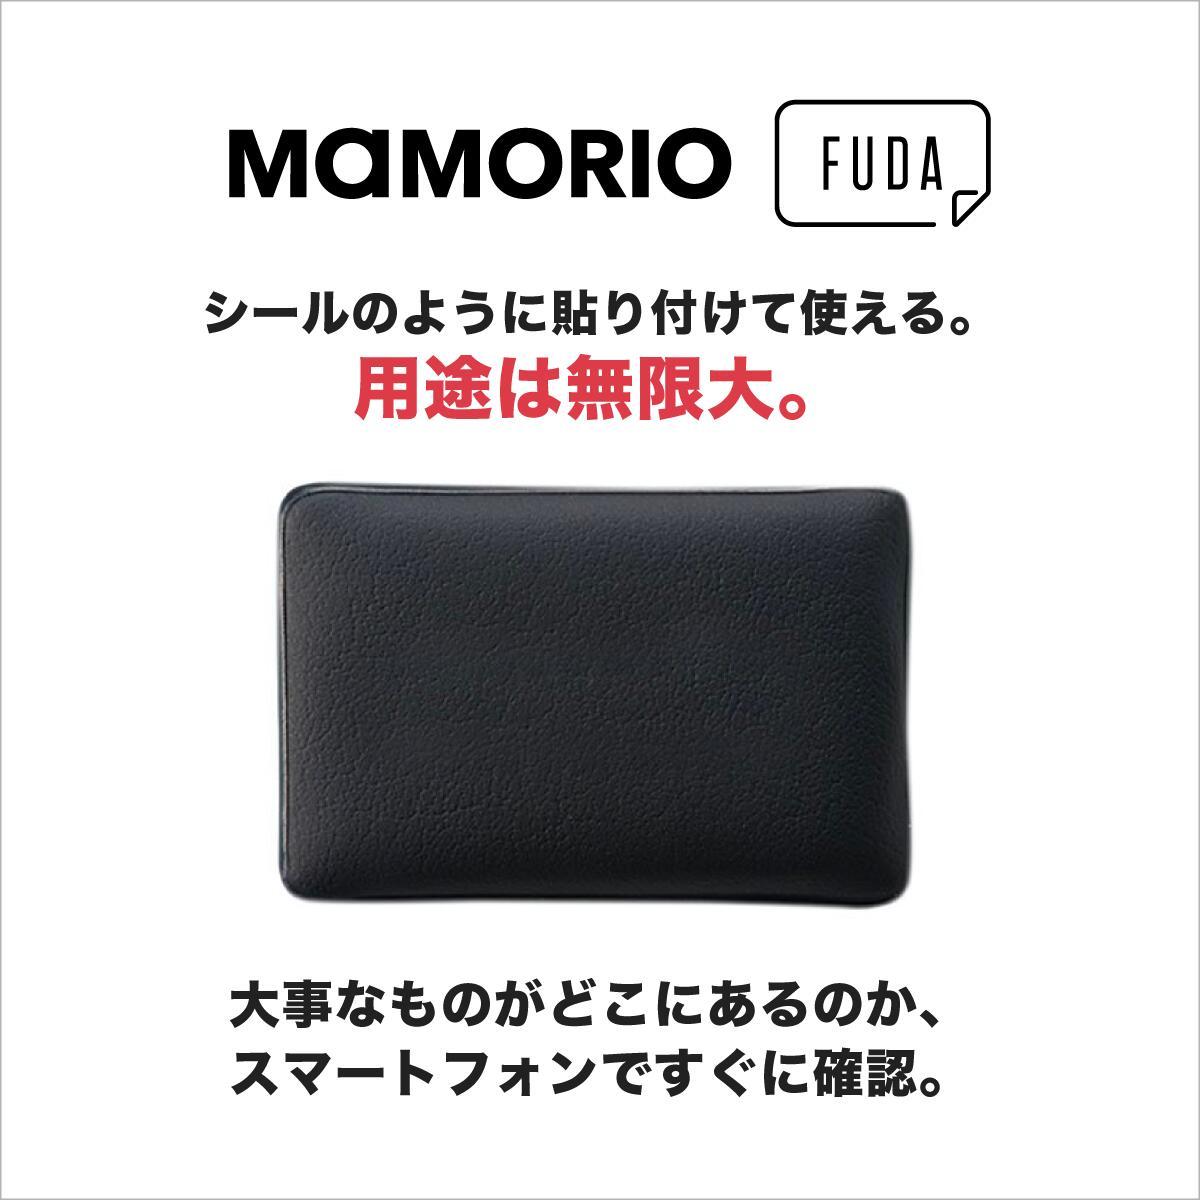 MAMORIOが手元から離れると 新品 送料無料 おすすめ特集 いつどこで失くしたかをお知らせして紛失や忘れ物を防止 あなたのスマートフォンで 大切なものを見守れます 財布や鍵 鞄等の大切なモノに MAMORIO FUDA 第二世代 無地 マモリオ Bluetooth 落し物防止 紛失防止 アプリ無料 シール型 忘れ物防止 スマホ連携 グッズ フューダ